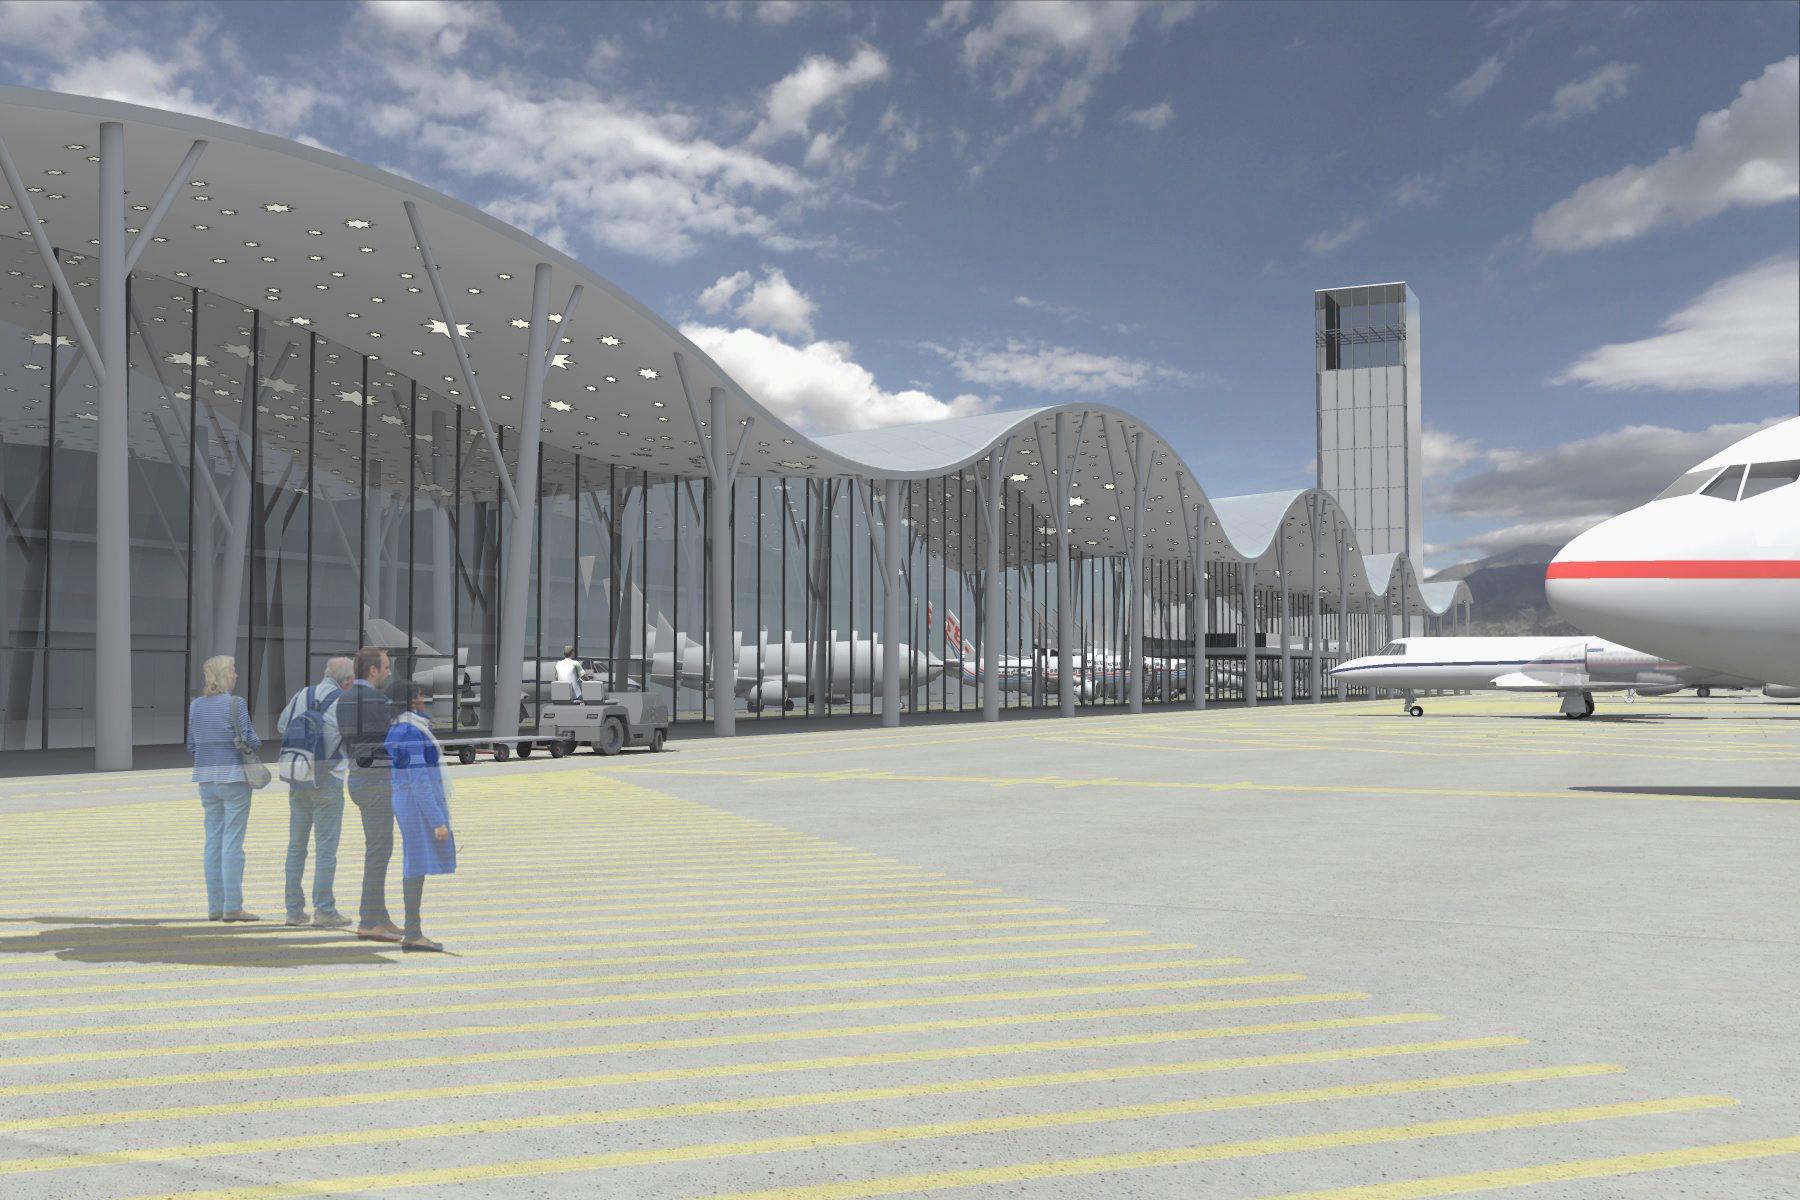 A Nemzetstratégiai Kutatóintézet (NSKI) által közreadott, a székelyföldi nemzetközi repülőtér megvalósíthatósági tanulmányának látványtervei. A látványtervet Nagy Tamás, a LINT Építészeti és Művészeti Kft. vezető építész tervezője készítette. Klikkelj a képre a galéria megnyitásához - 5 kép (Fotók: LINT Építészeti és Művészeti Kft.)   © AIRportal.hu